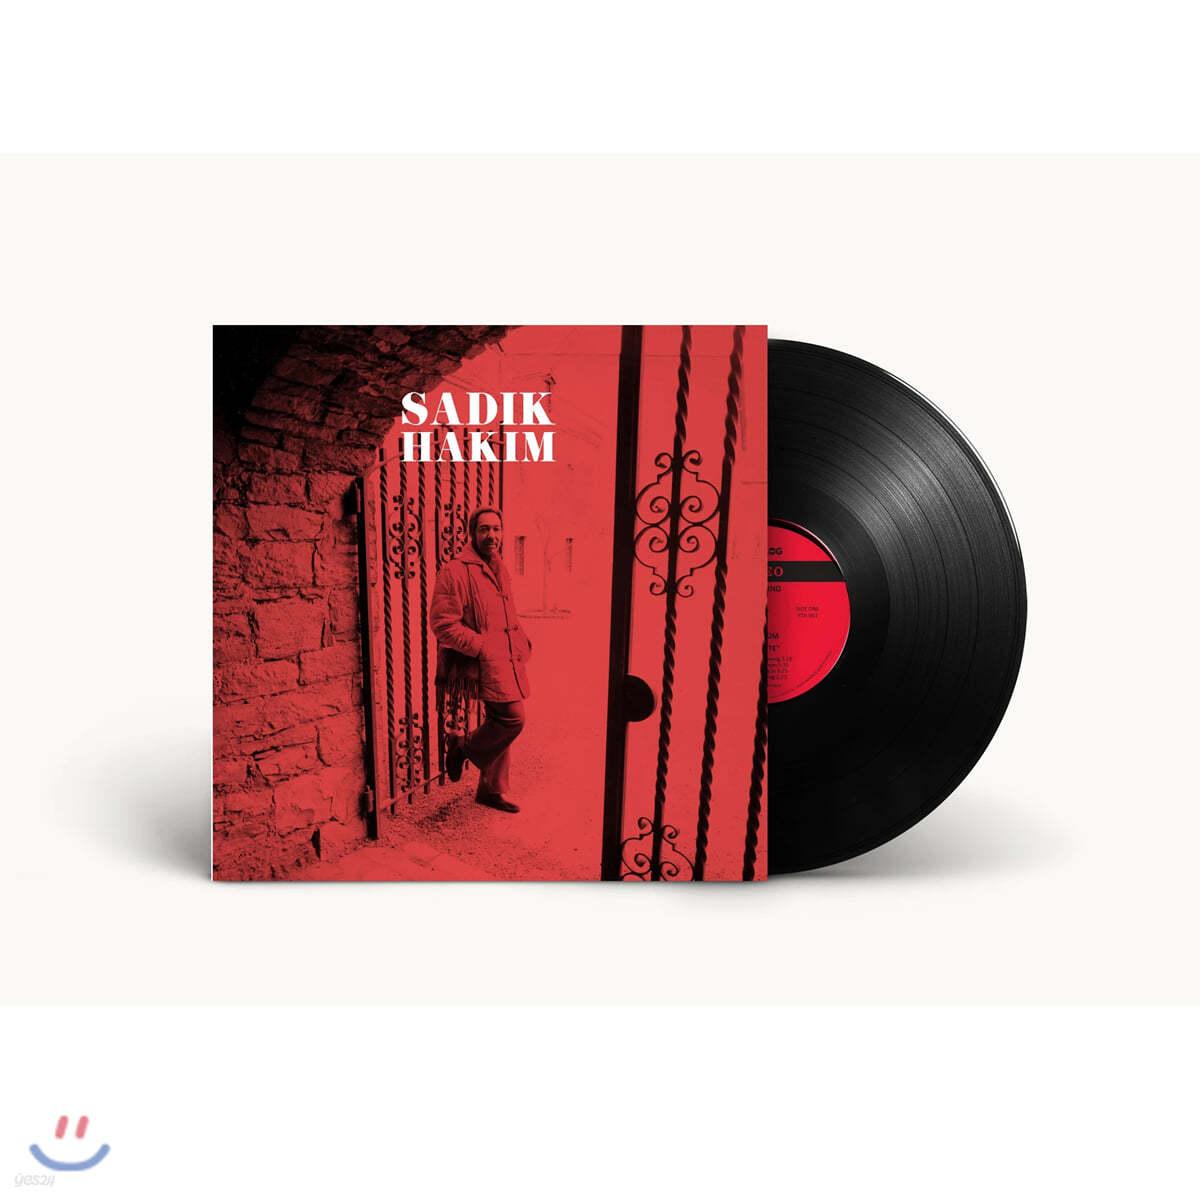 Sadik Hakim (사딕 하킴) - Sadik Hakim (London Suite) [LP]